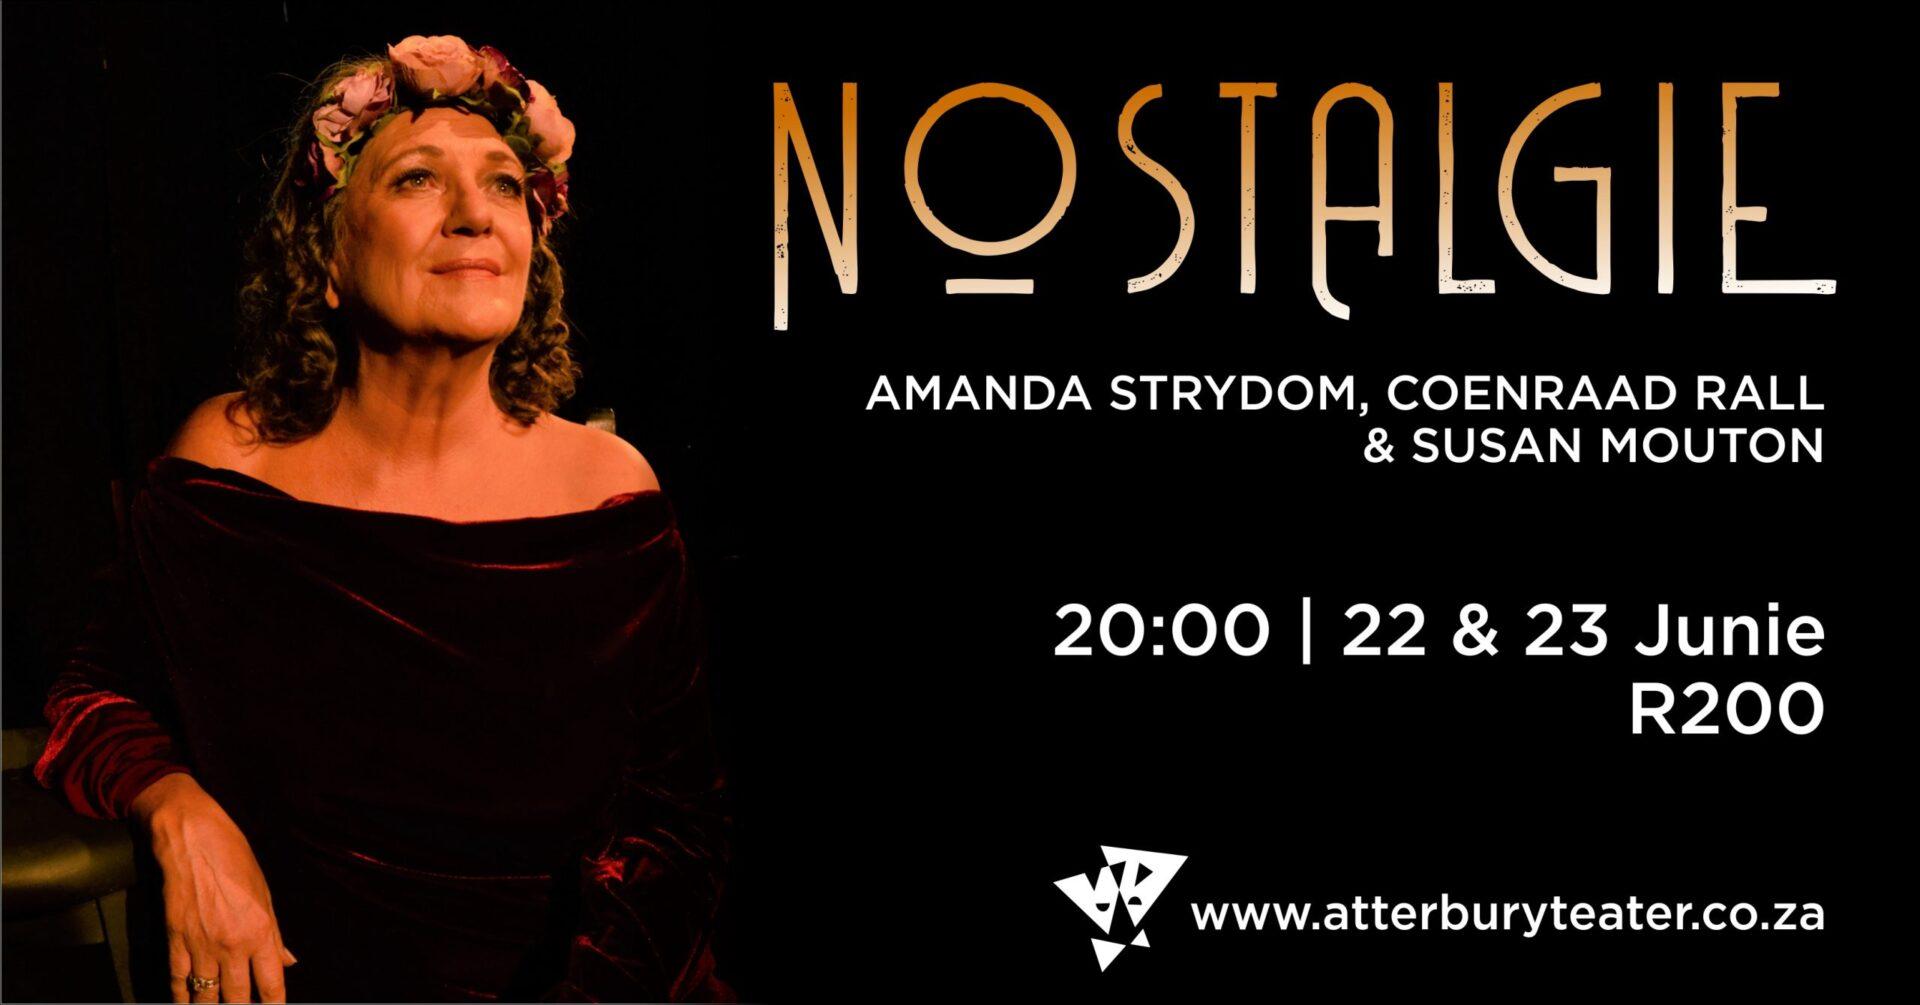 Nostalgie - Amanda Strydom